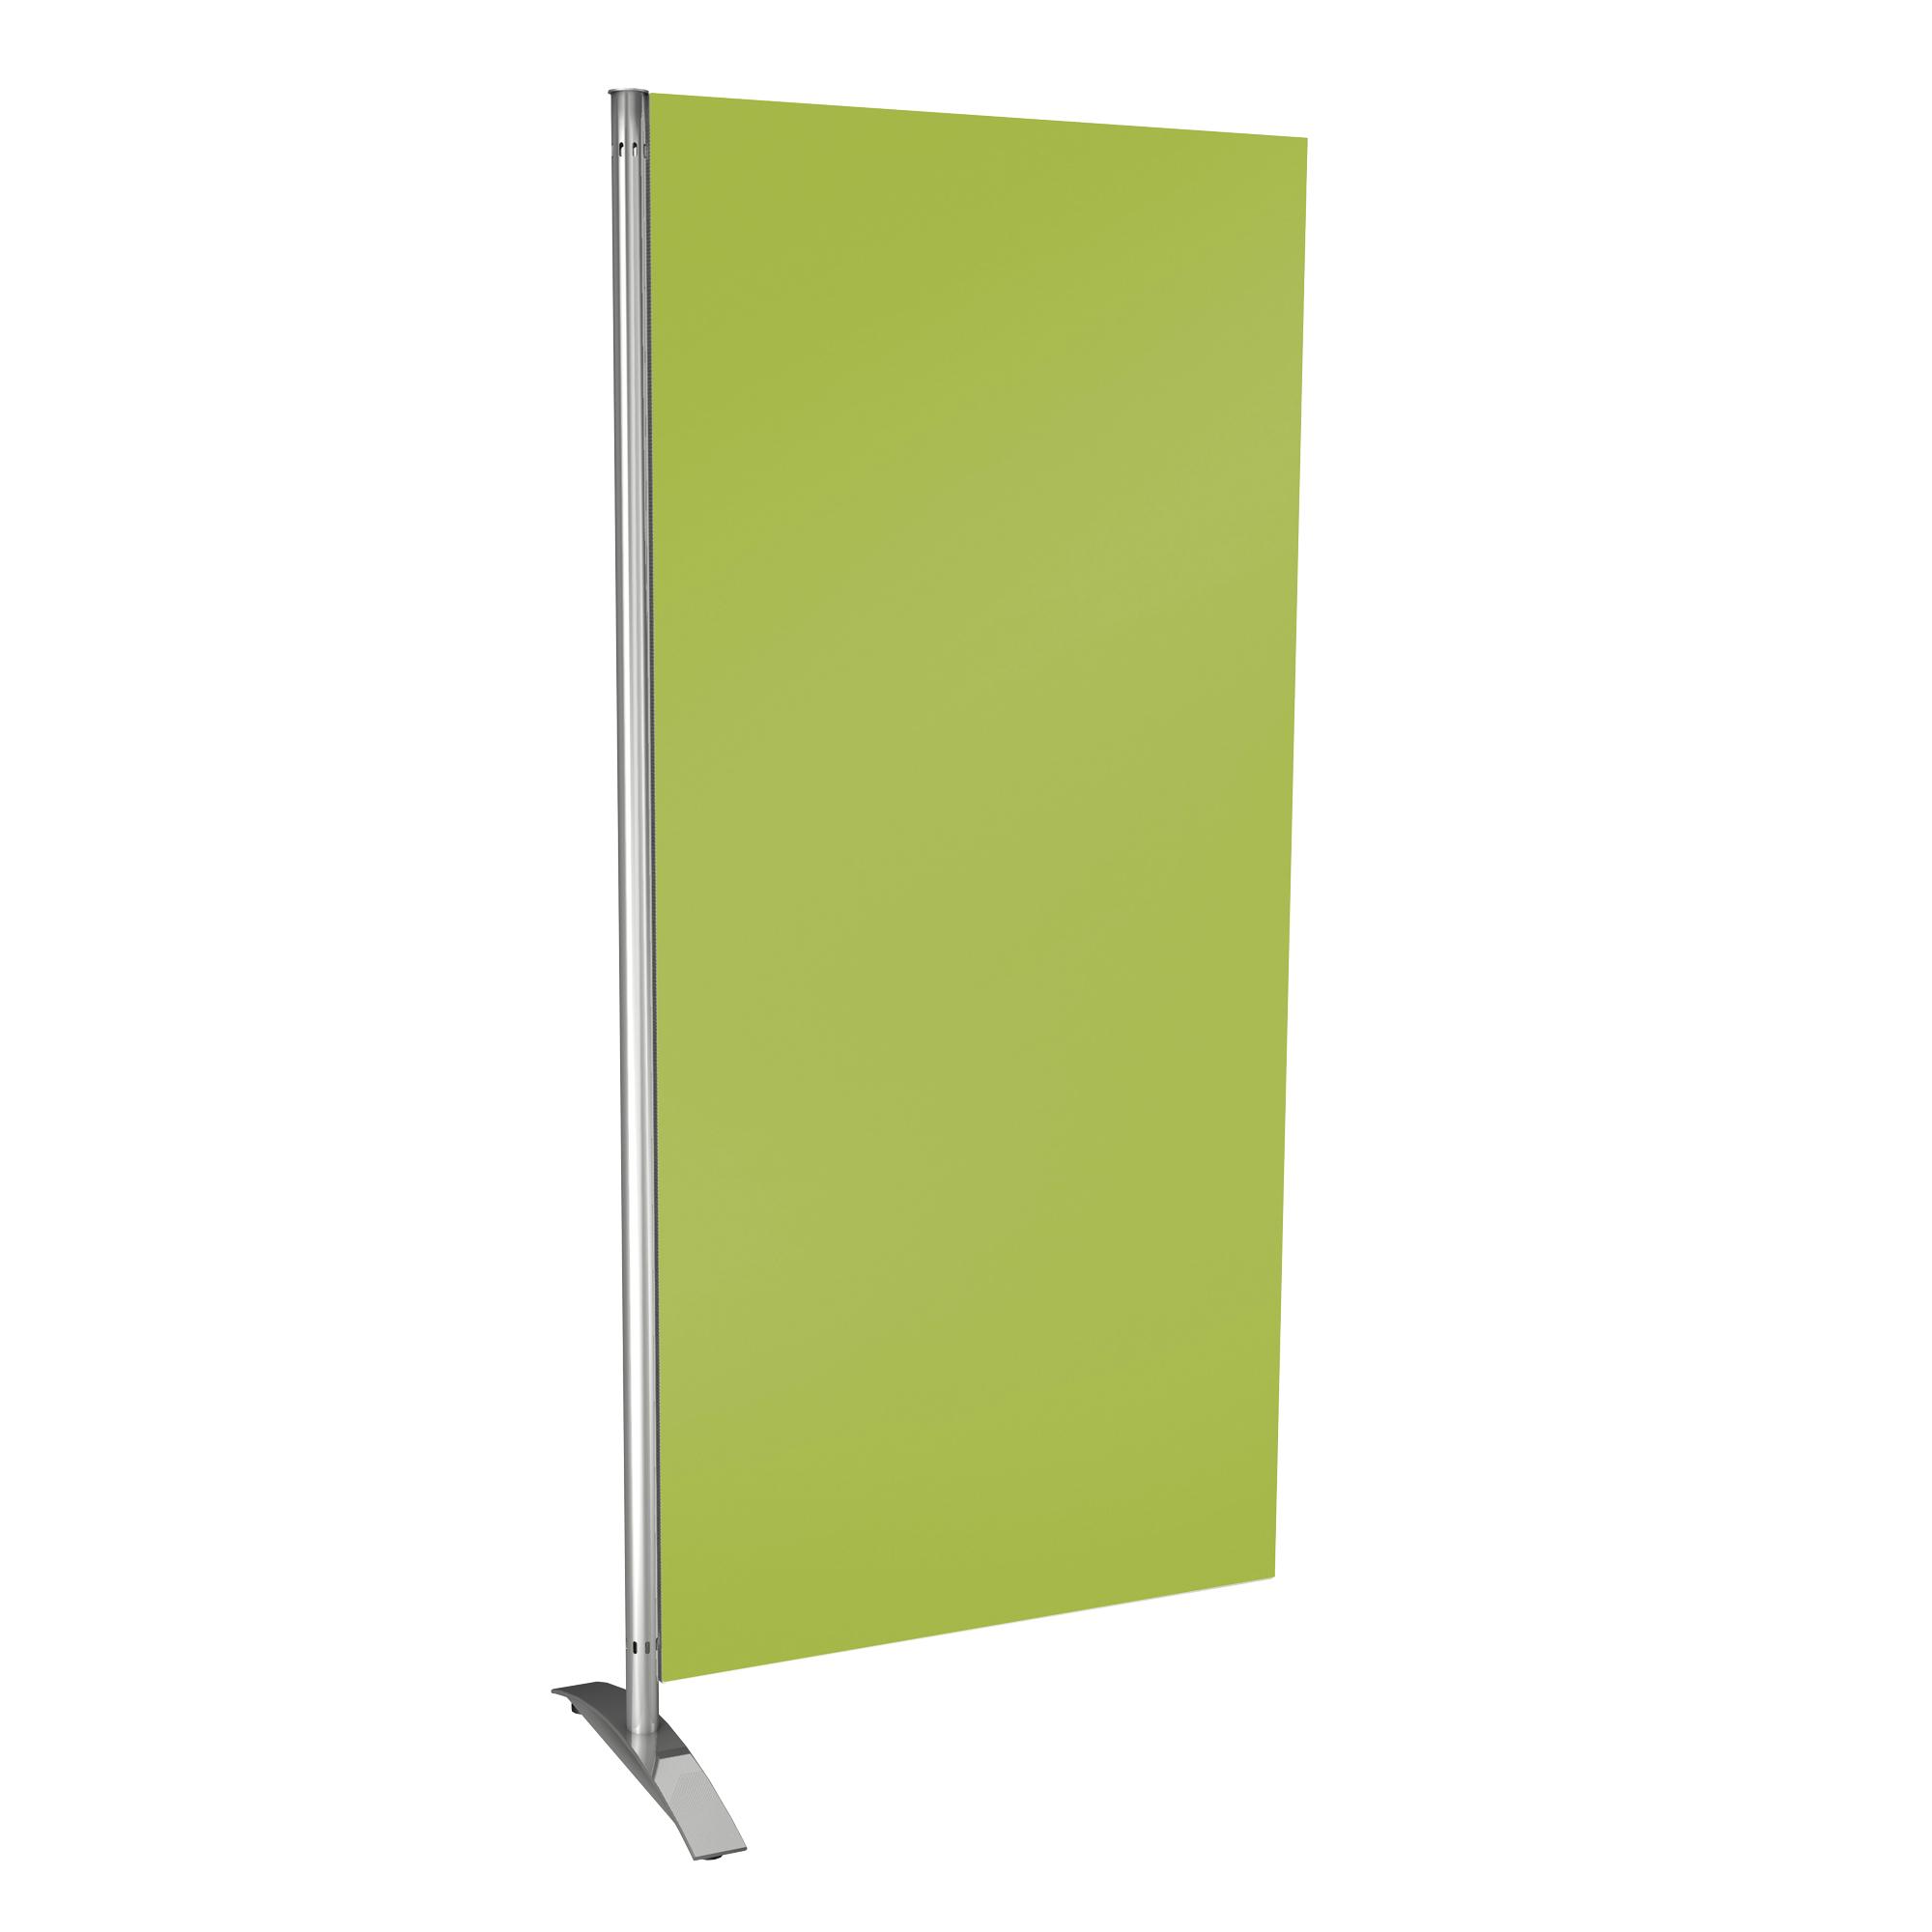 Holzwand, grün für Sichtschutz